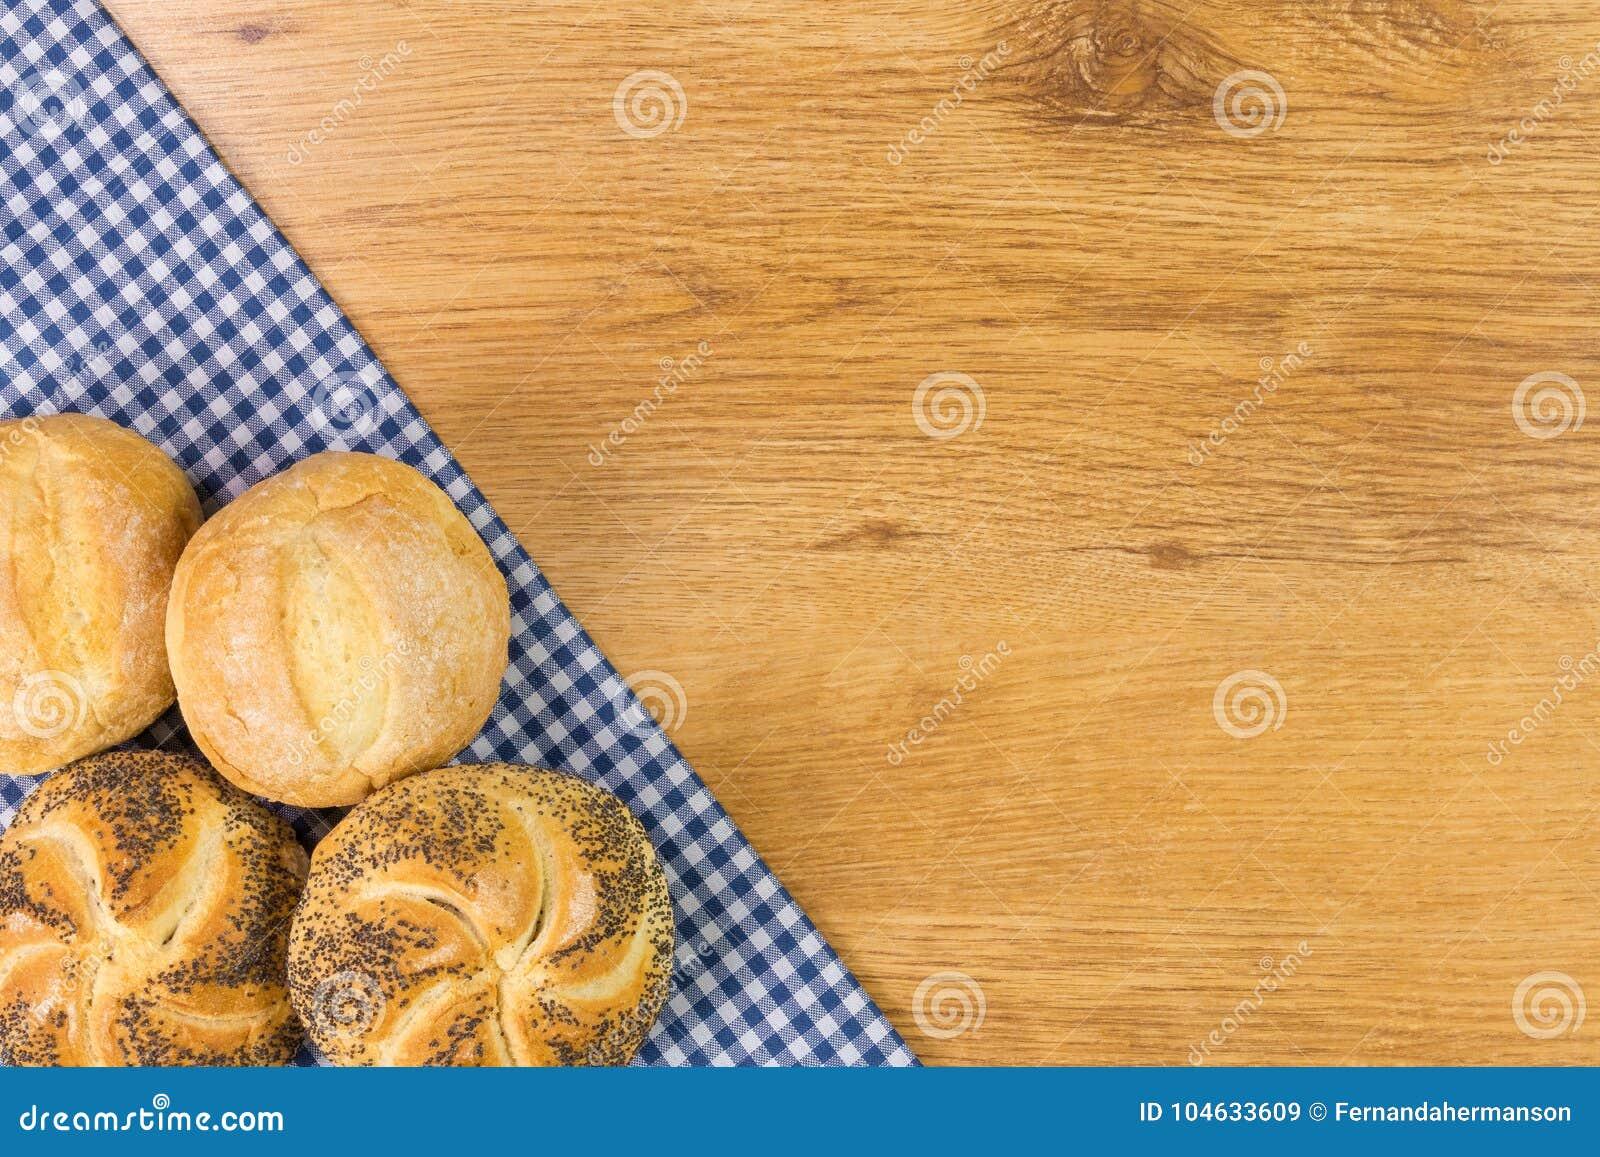 Download Vers Brood Op Houten Lijstachtergrond Stock Afbeelding - Afbeelding bestaande uit broodjes, ontbijt: 104633609